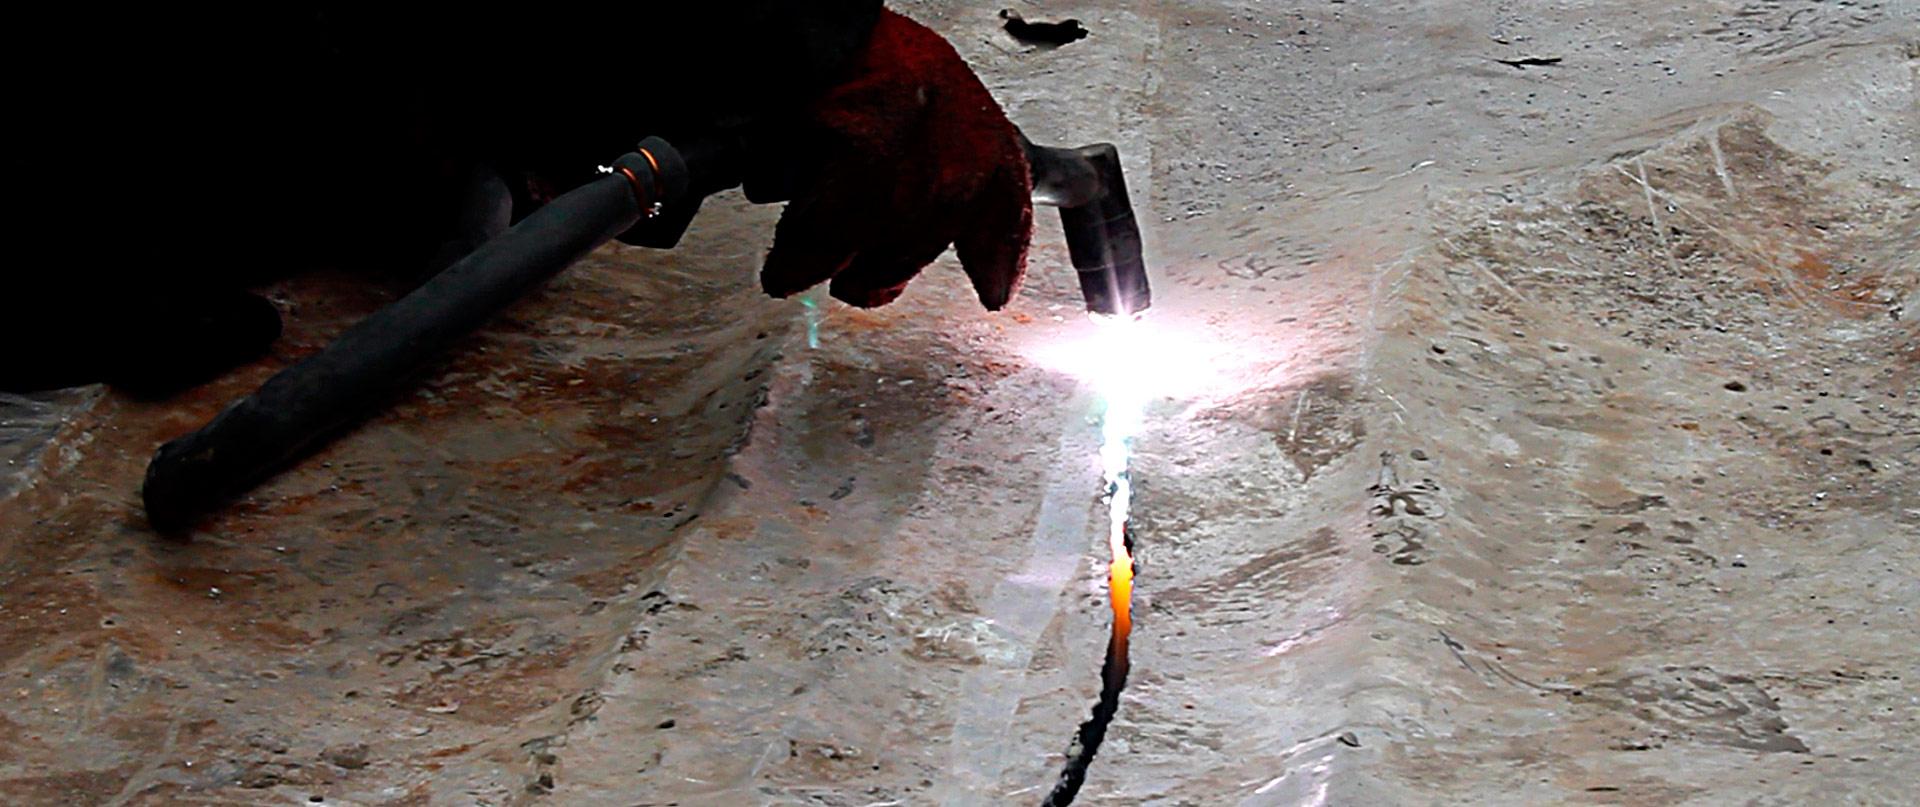 Высокоэффективное <br /> оборудование <br /> по подготовке сырья